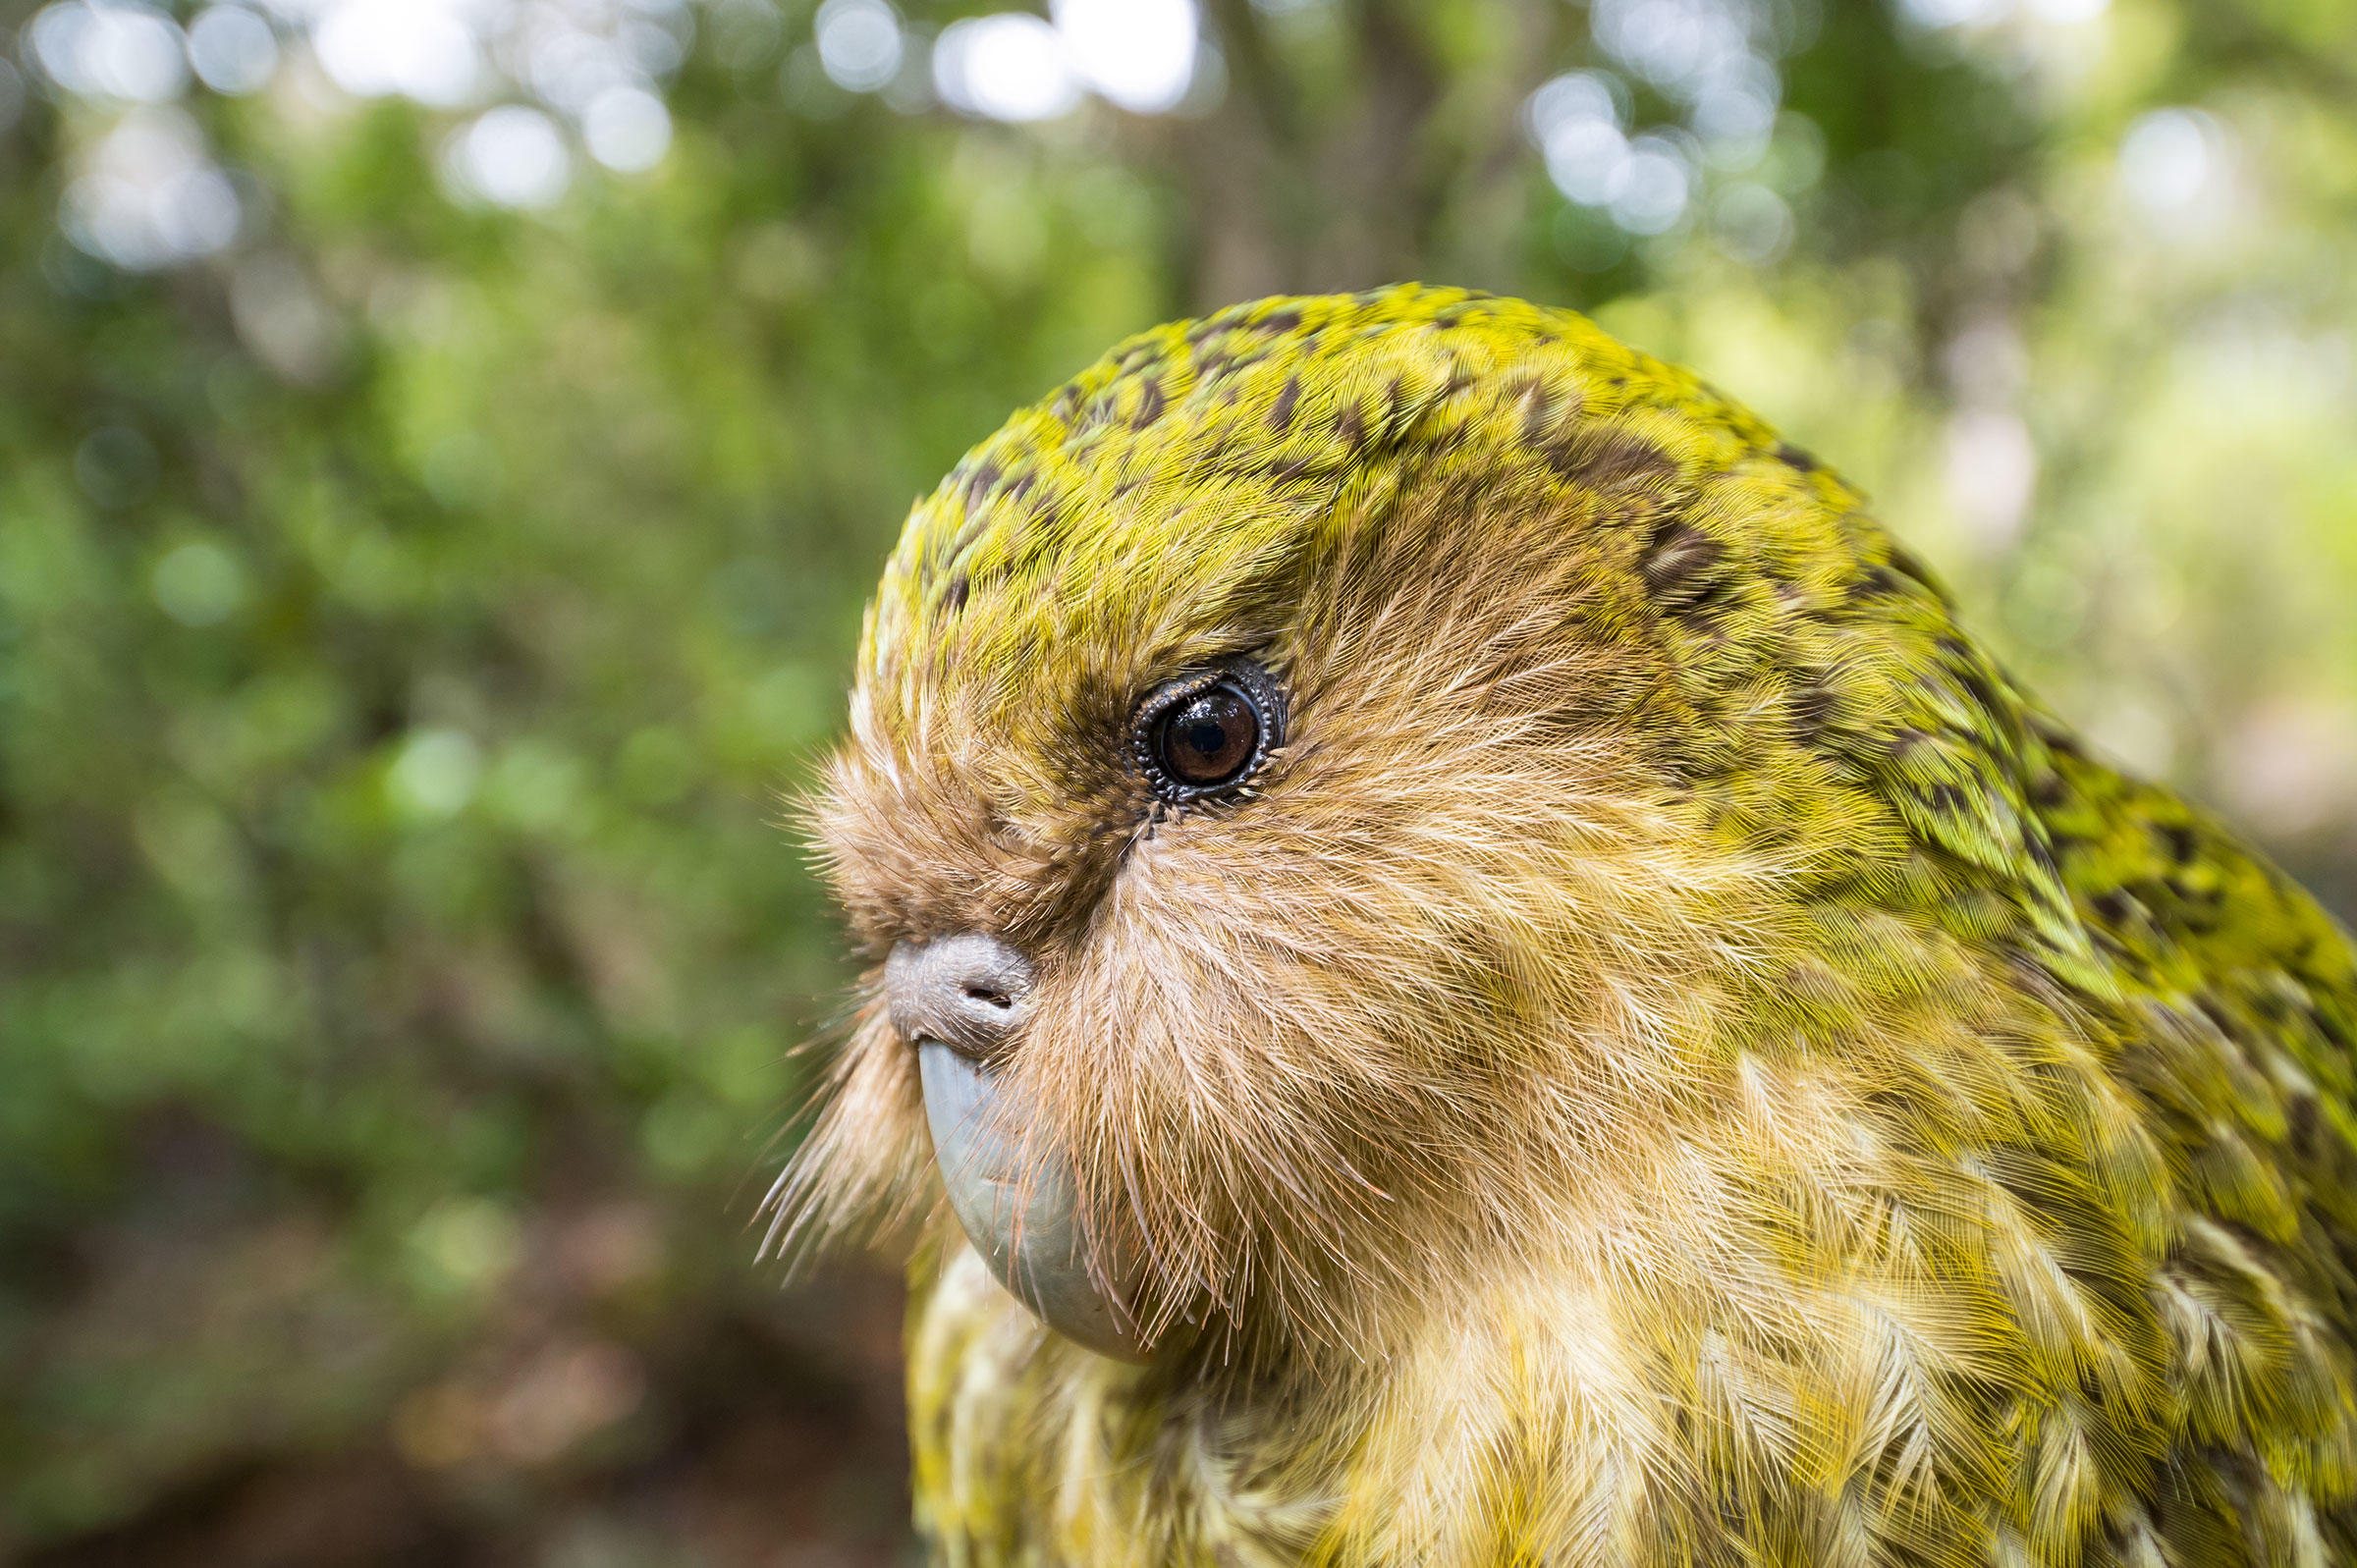 سنگین ترین طوطی جهان که پرنده سال ۲۰۲۰ نیوزیلند شد+ عکس